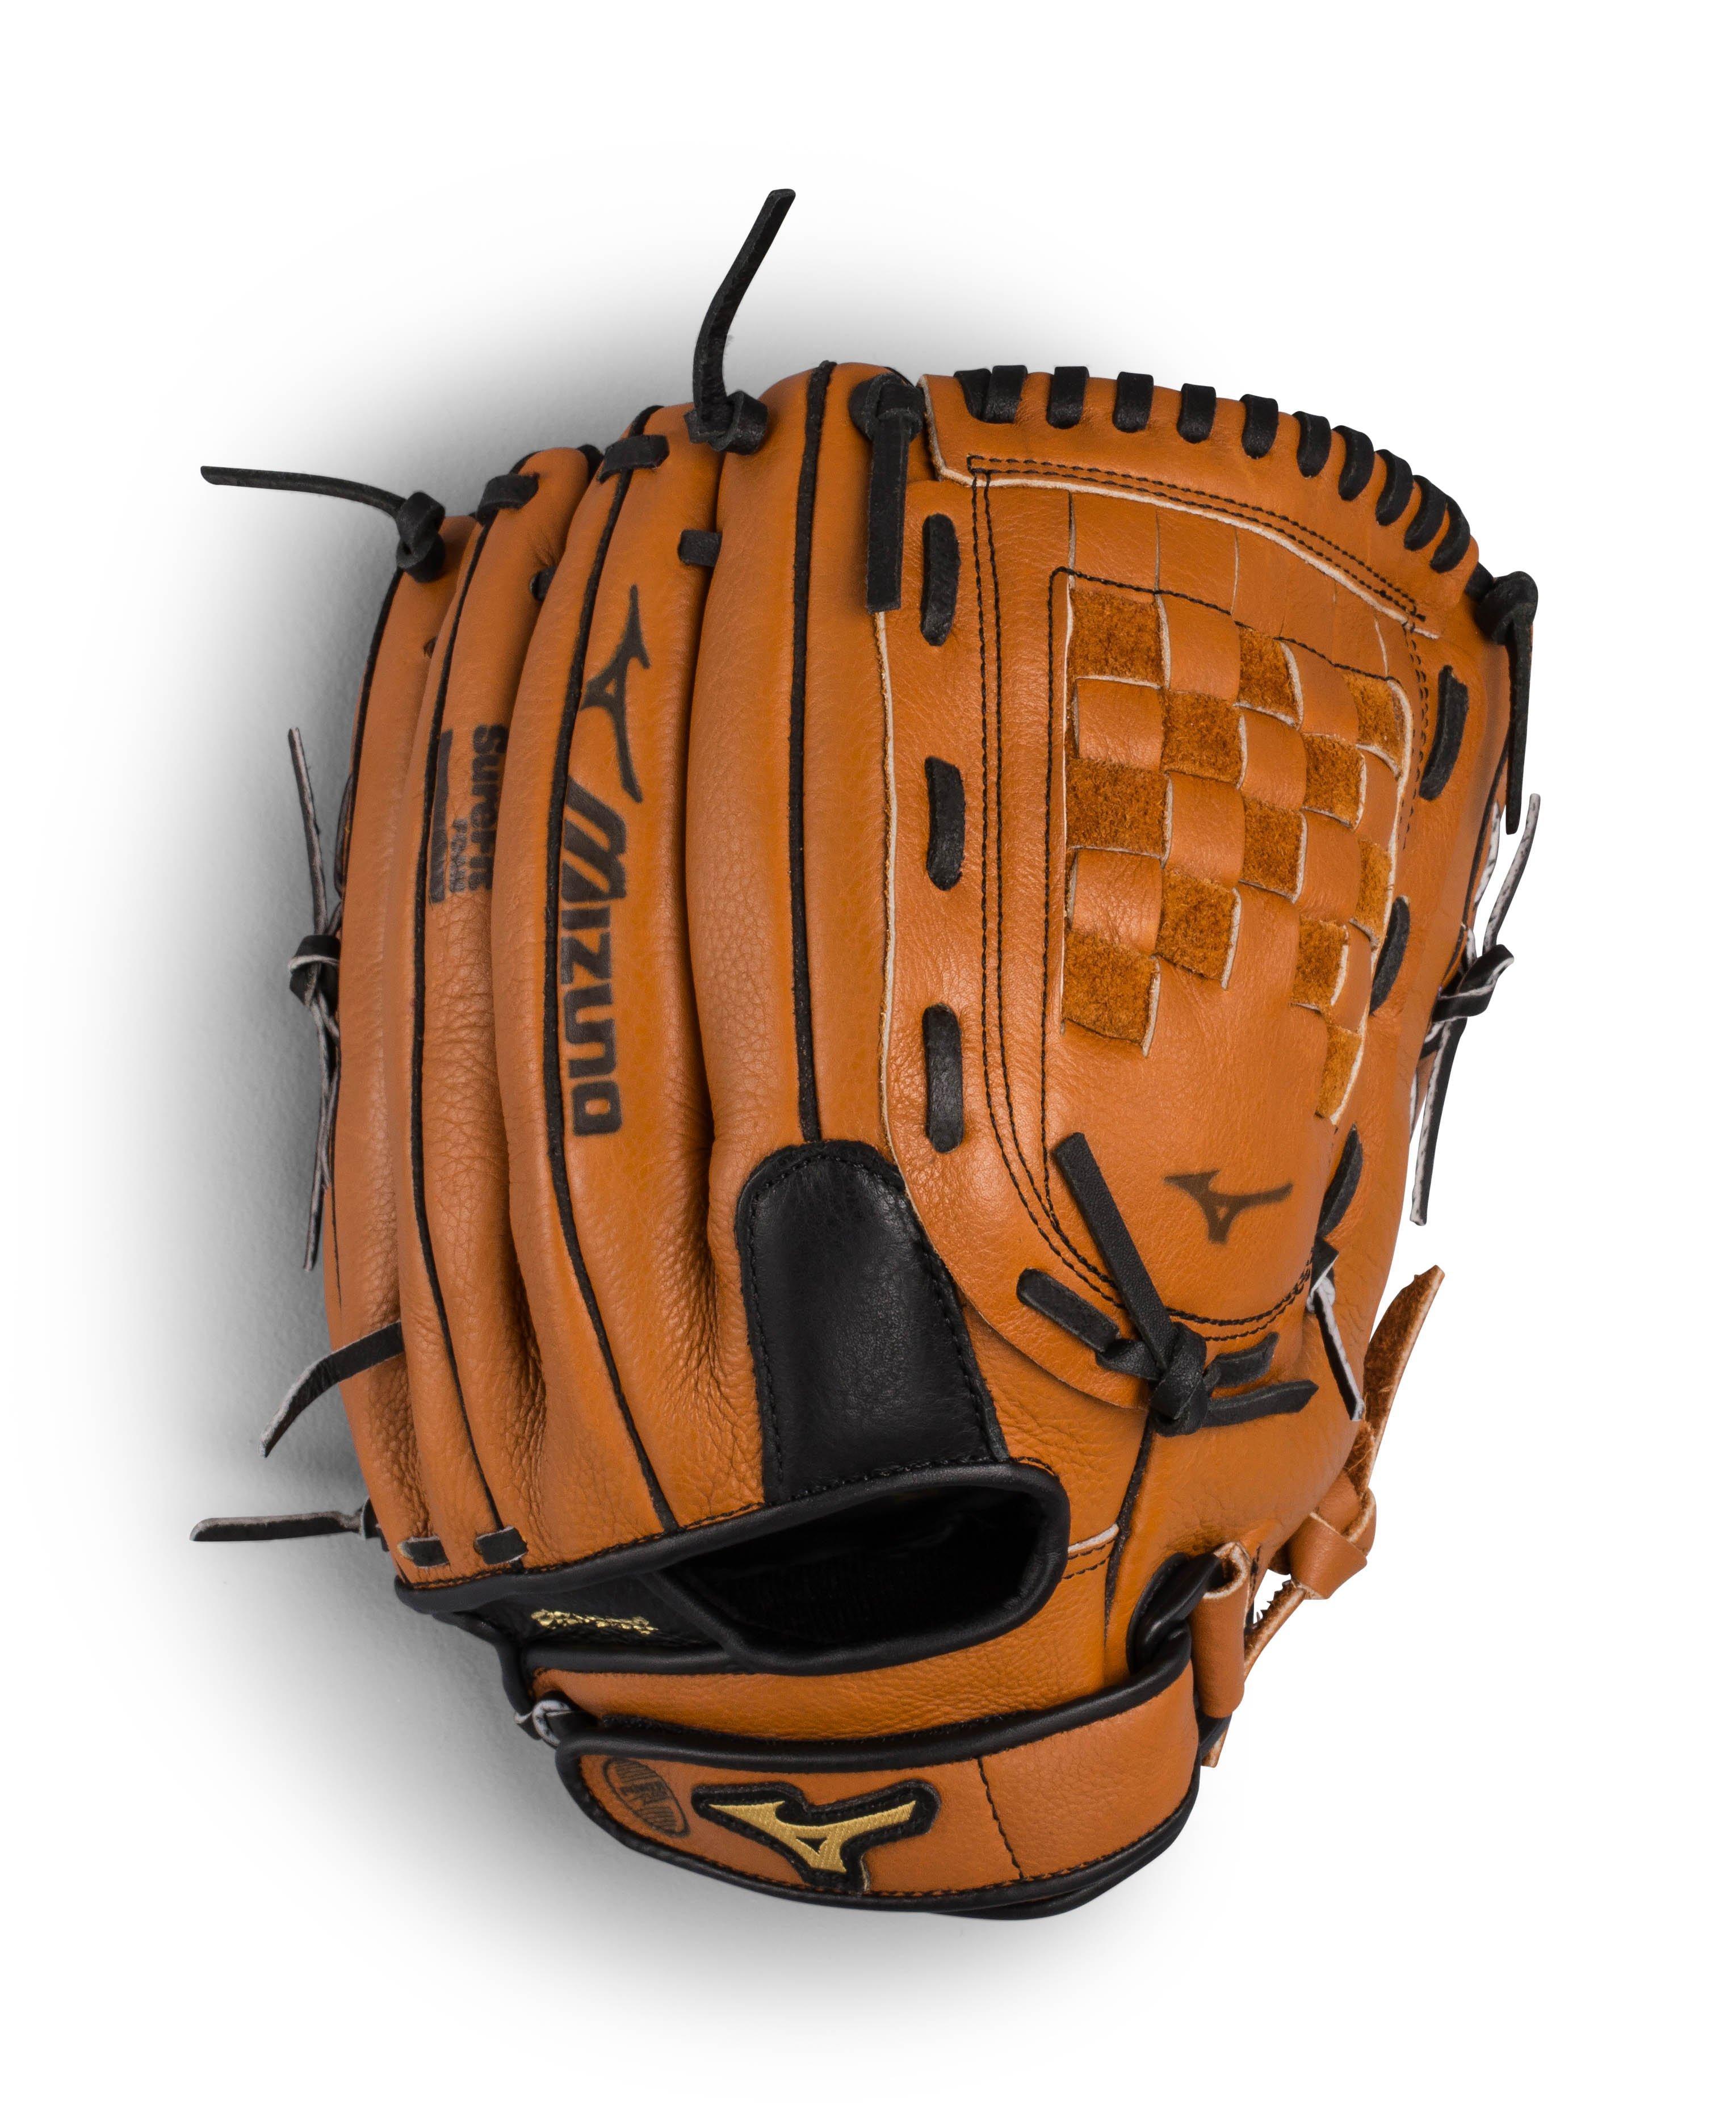 Ball Gloves